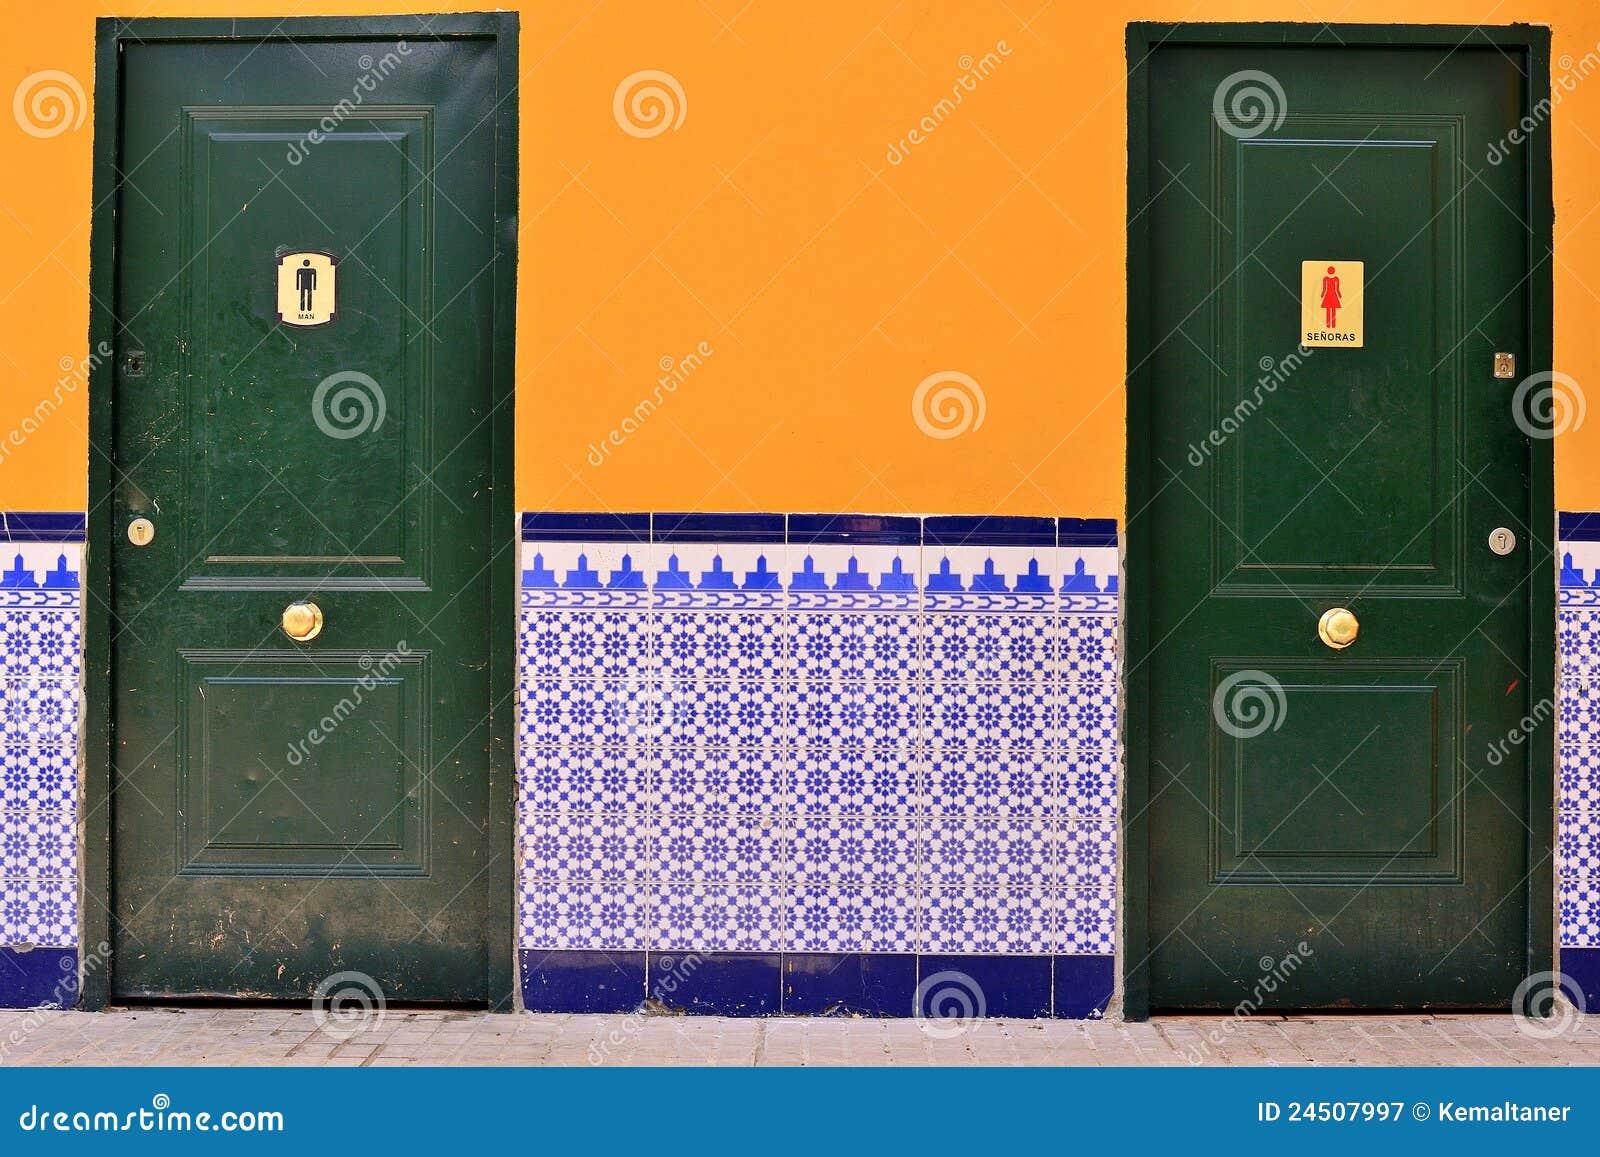 Spaanse wc met tegel royalty vrije stock fotografie afbeelding 24507997 - Wc tegel ...